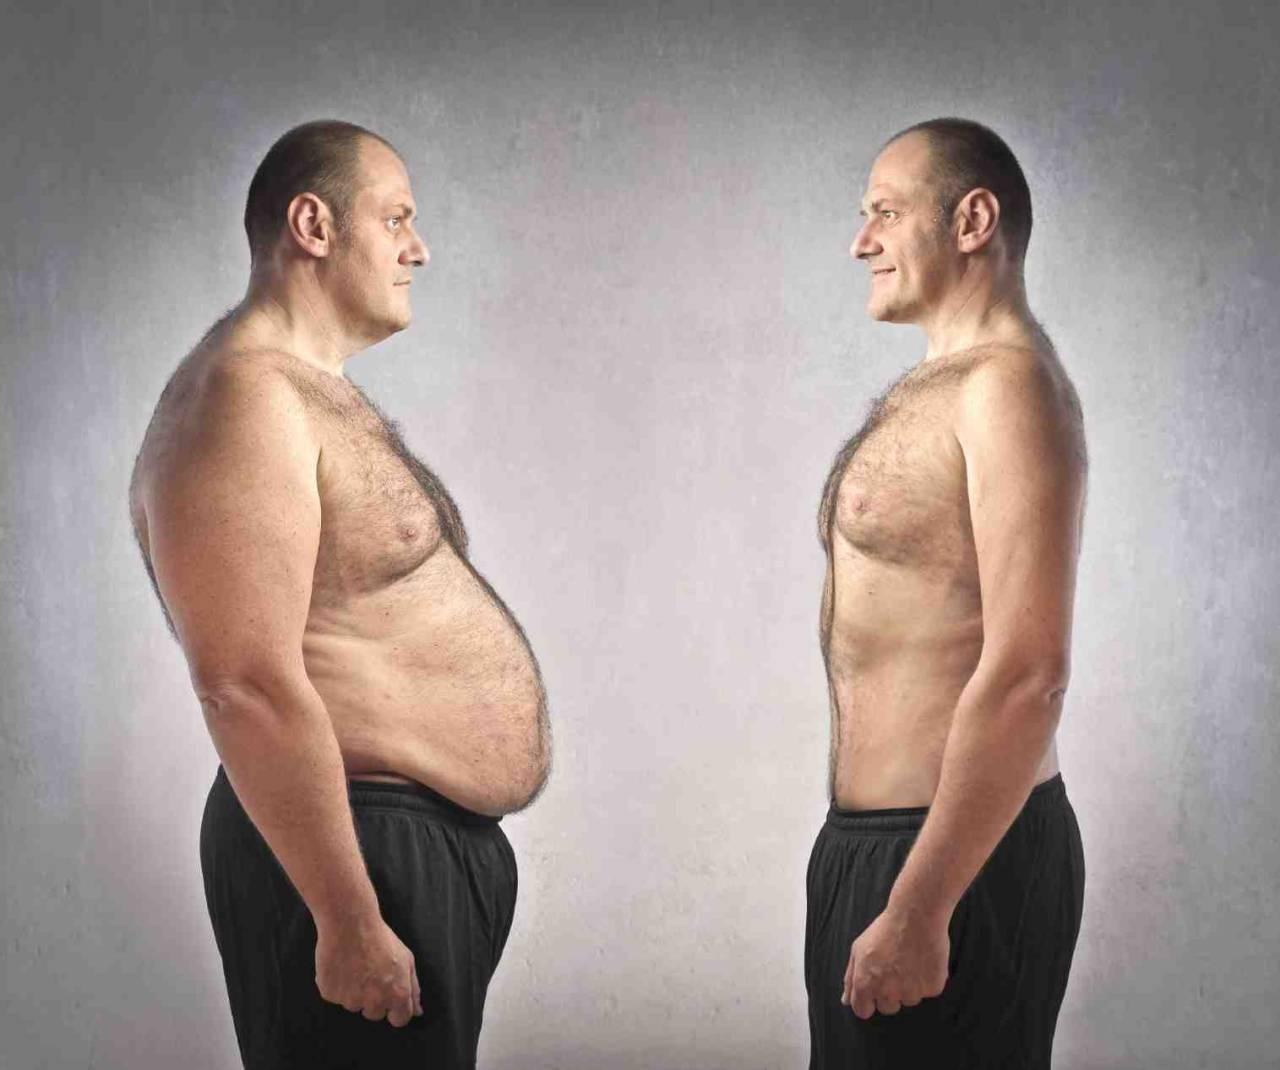 Жирок завязался. кому худеть сложнее – мужчинам или женщинам?